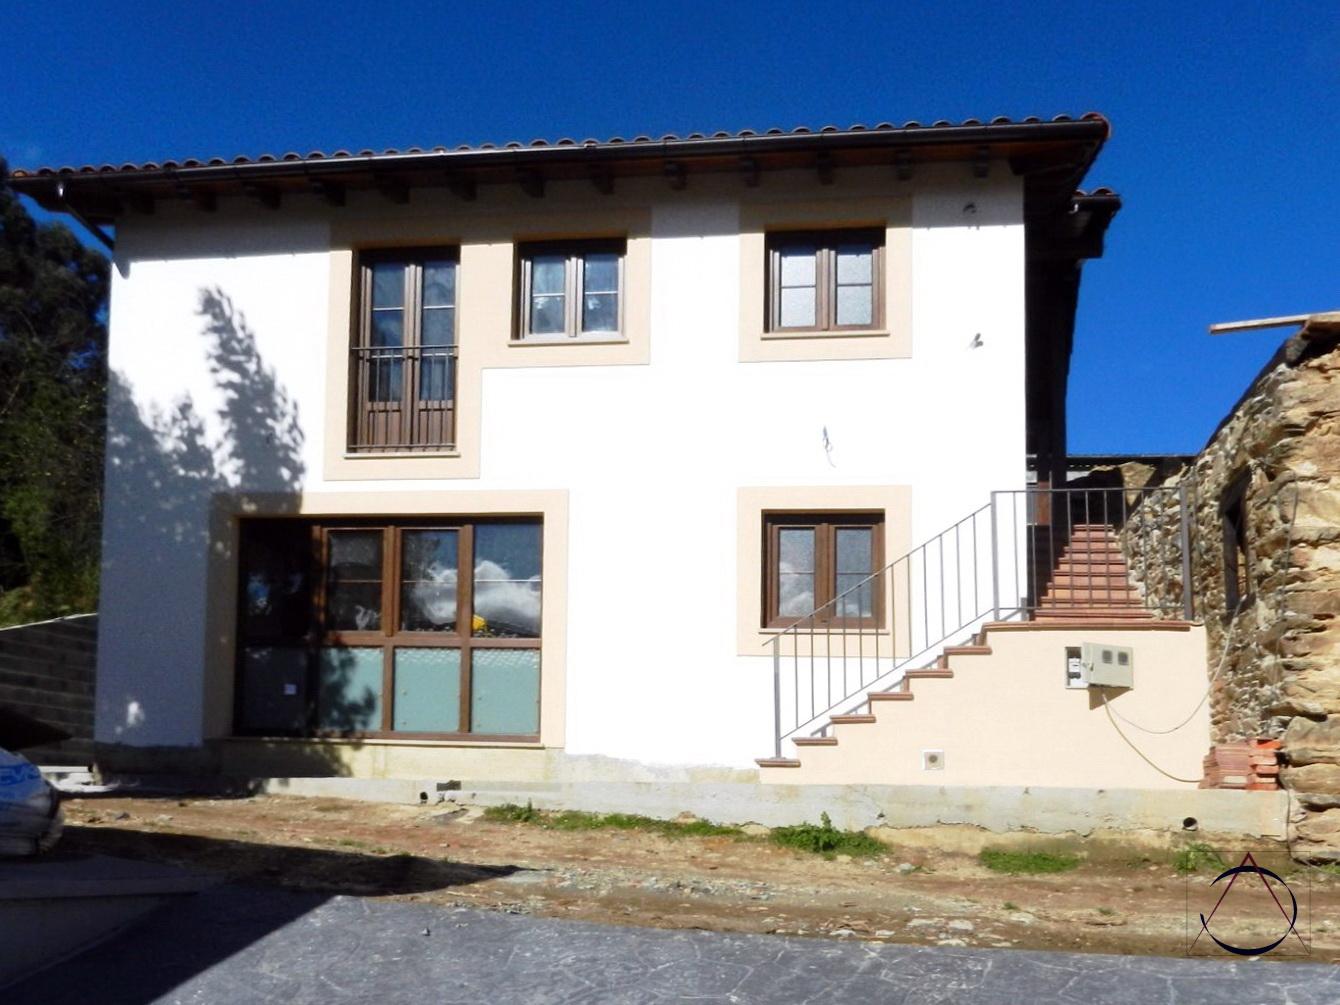 Ac arquitectos casa de madera y piedra en asturias - Casa de madera y piedra ...